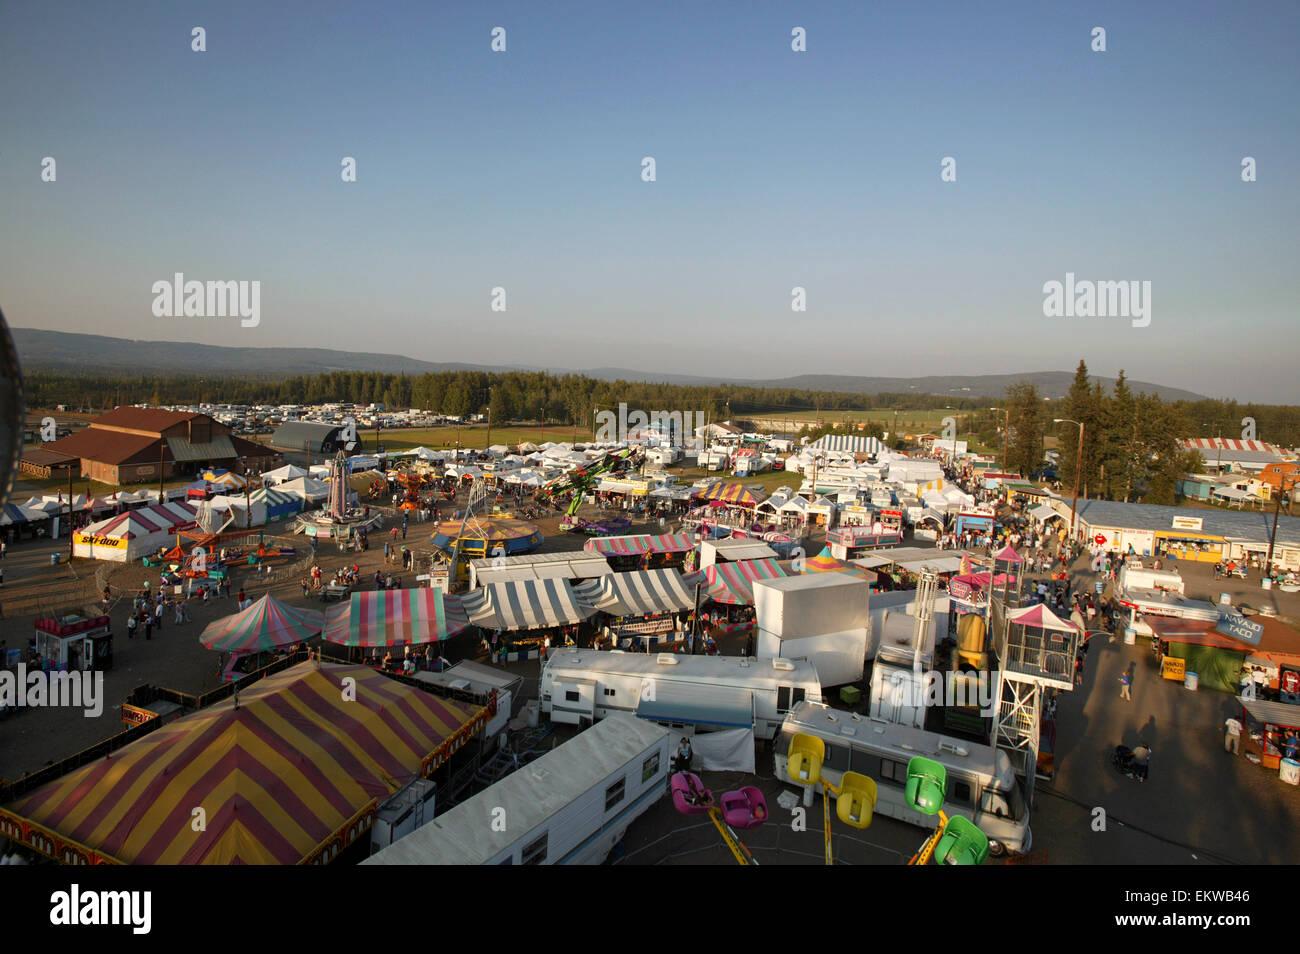 Overview of tanana valley state fair fairbanks alaska for Interior fair